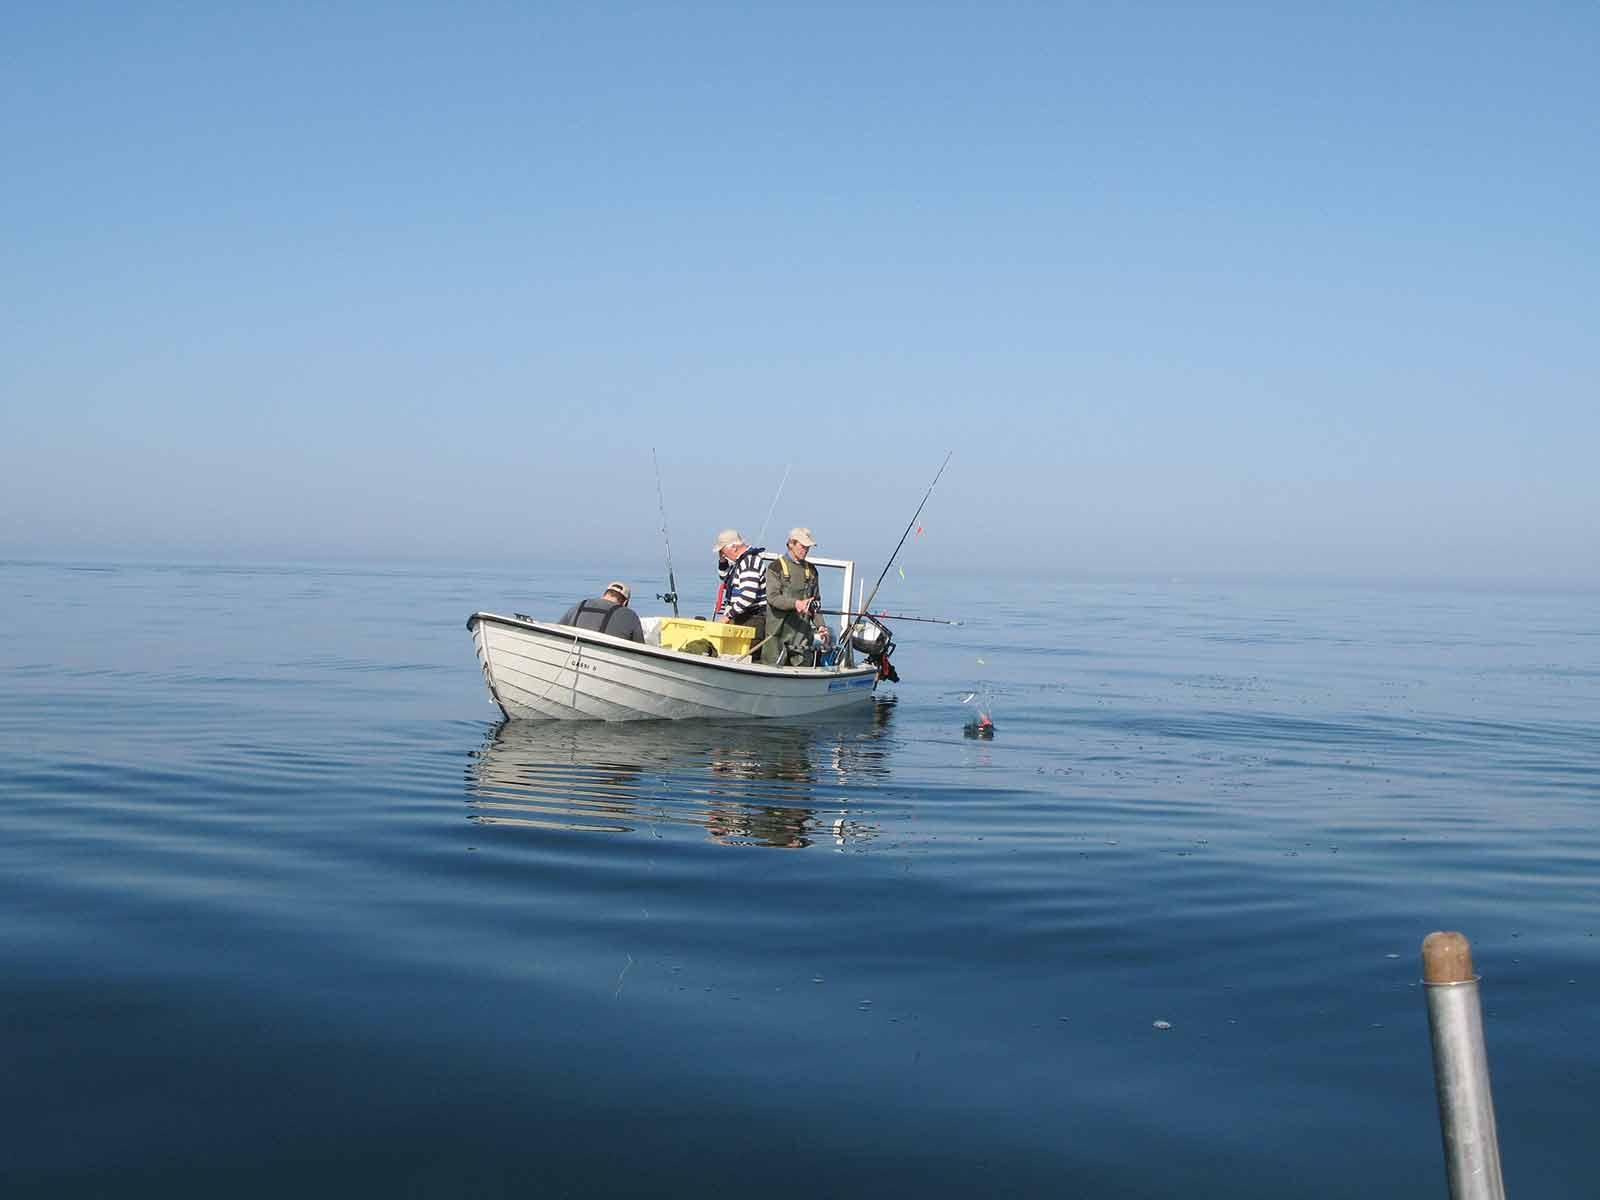 Småbådsfiskeri - udviklingen der i dag karakteriserer fiskeriet i Limfjorden.